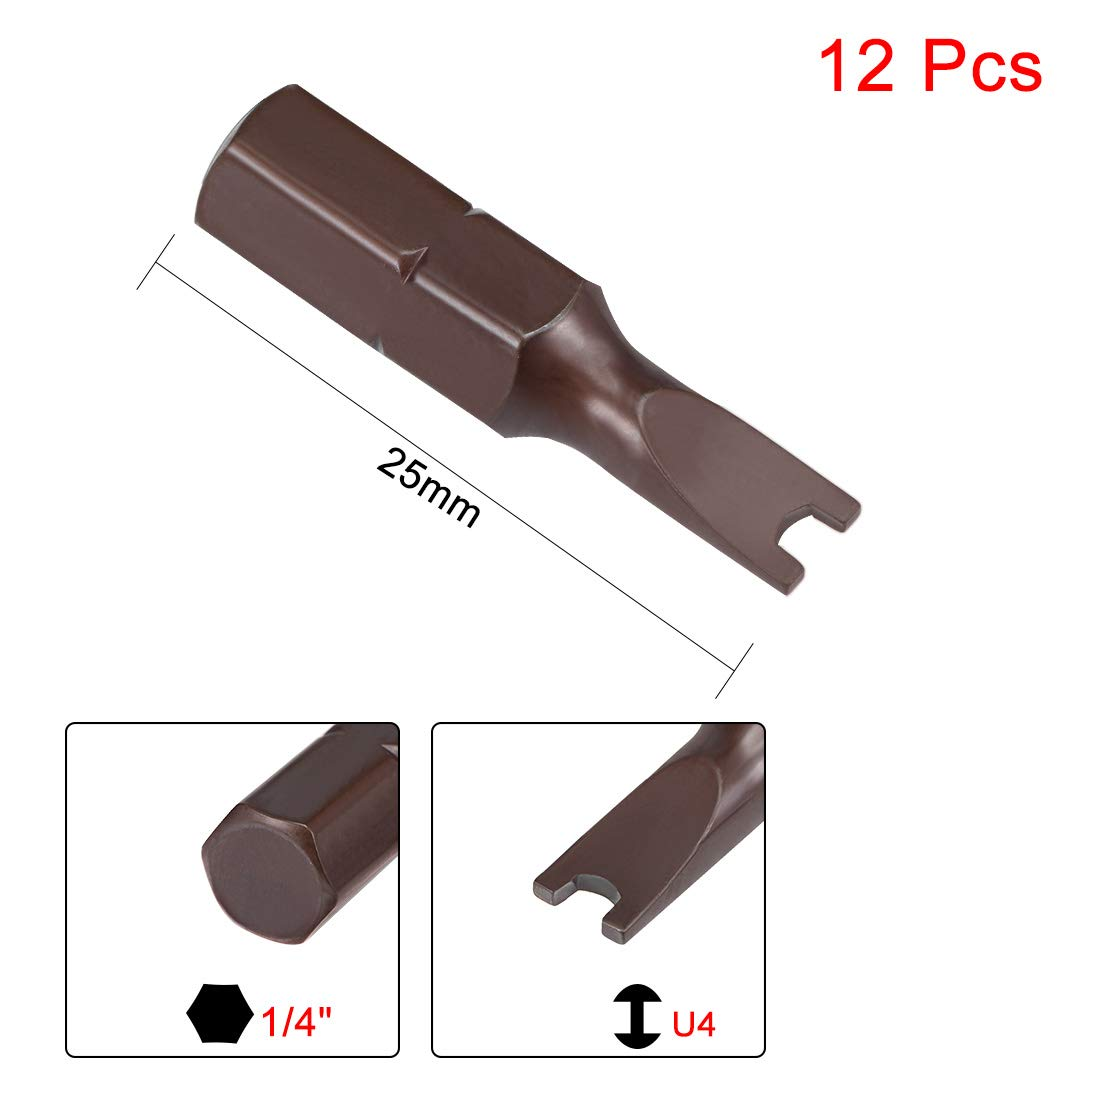 uxcell 12pcs 25mm Length 1//4 Hex Shank U6 U Shape High Quantity Screwdriver Bits S2 High Alloy Steel